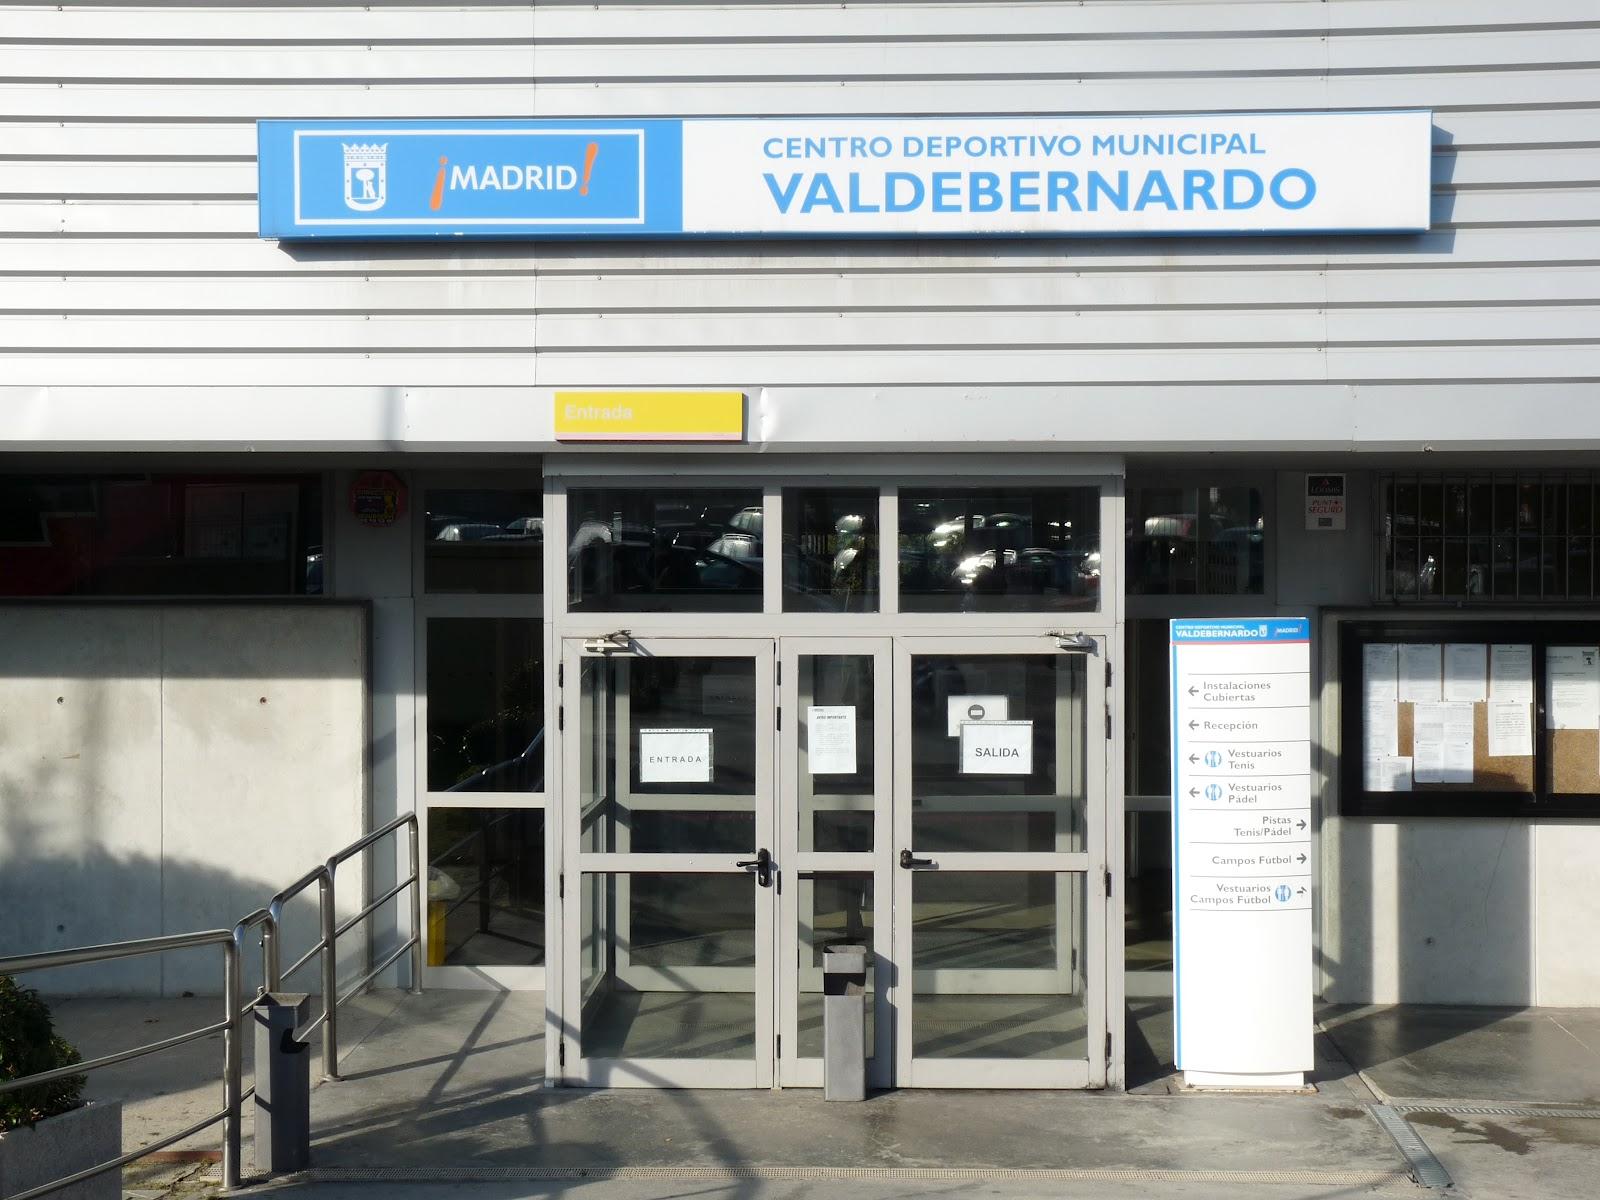 Reapertura de la piscina del c d m valdebernardo vicalv for Piscina valdebernardo